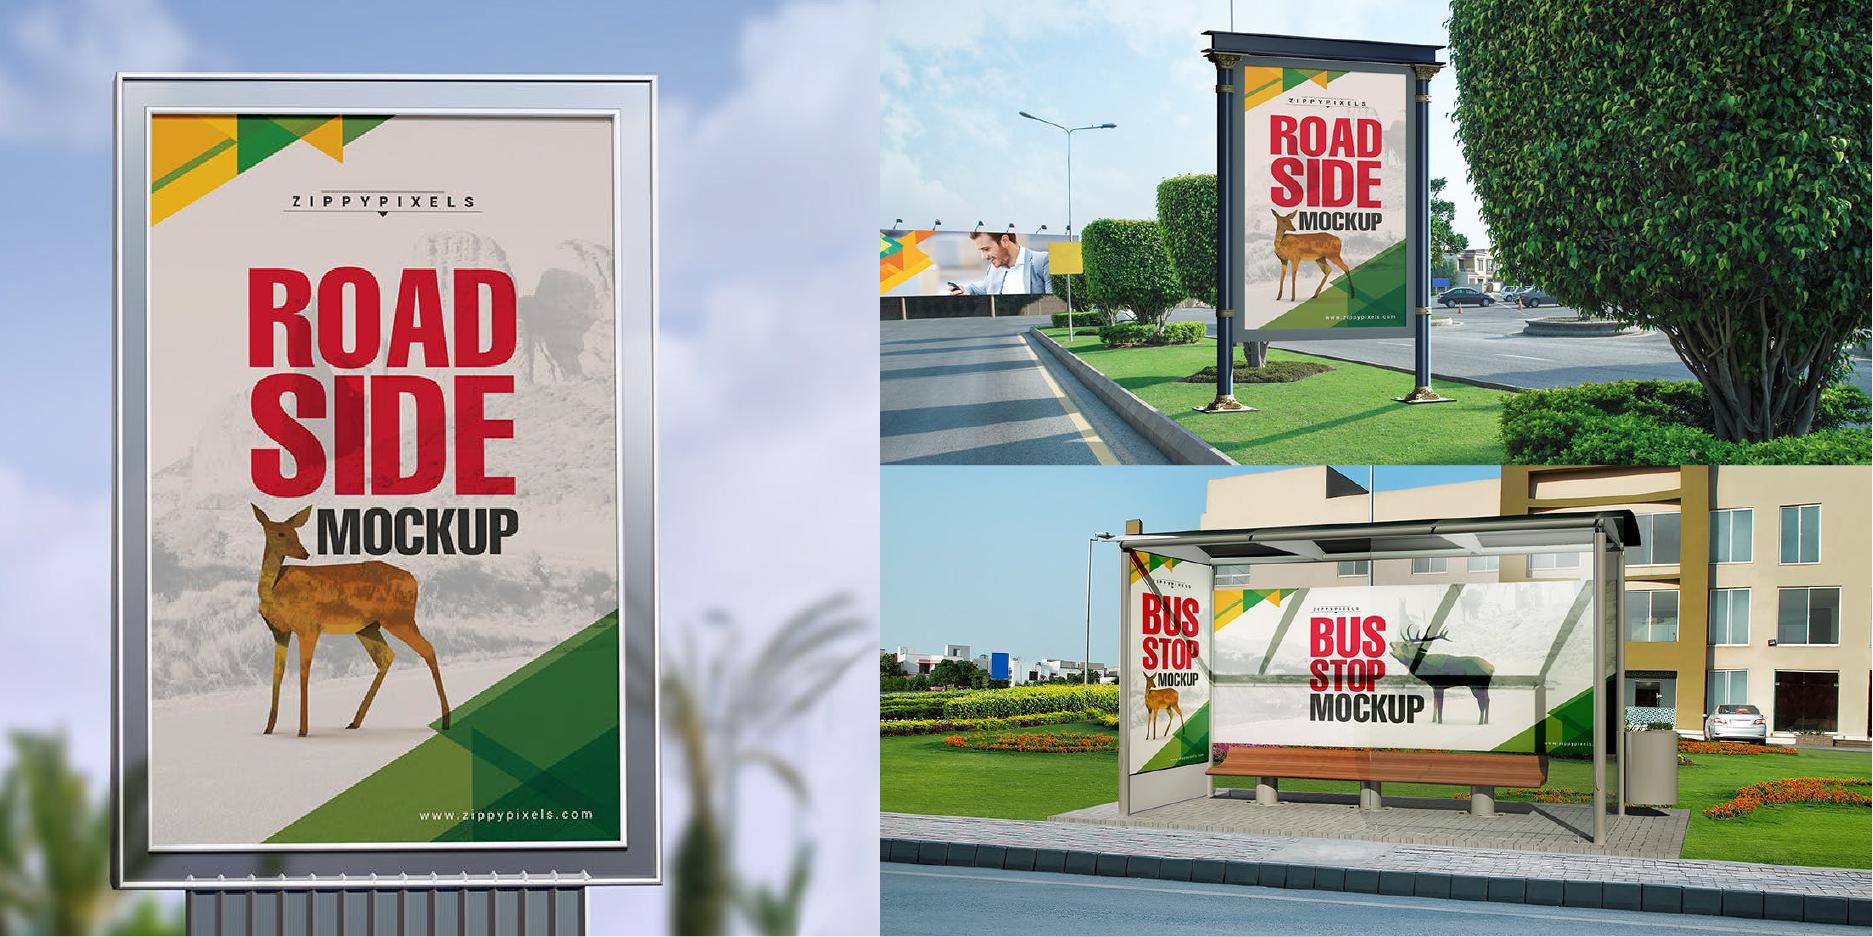 maquetas y vallas publicitarias para colocar diseños de carteles en psd gratis